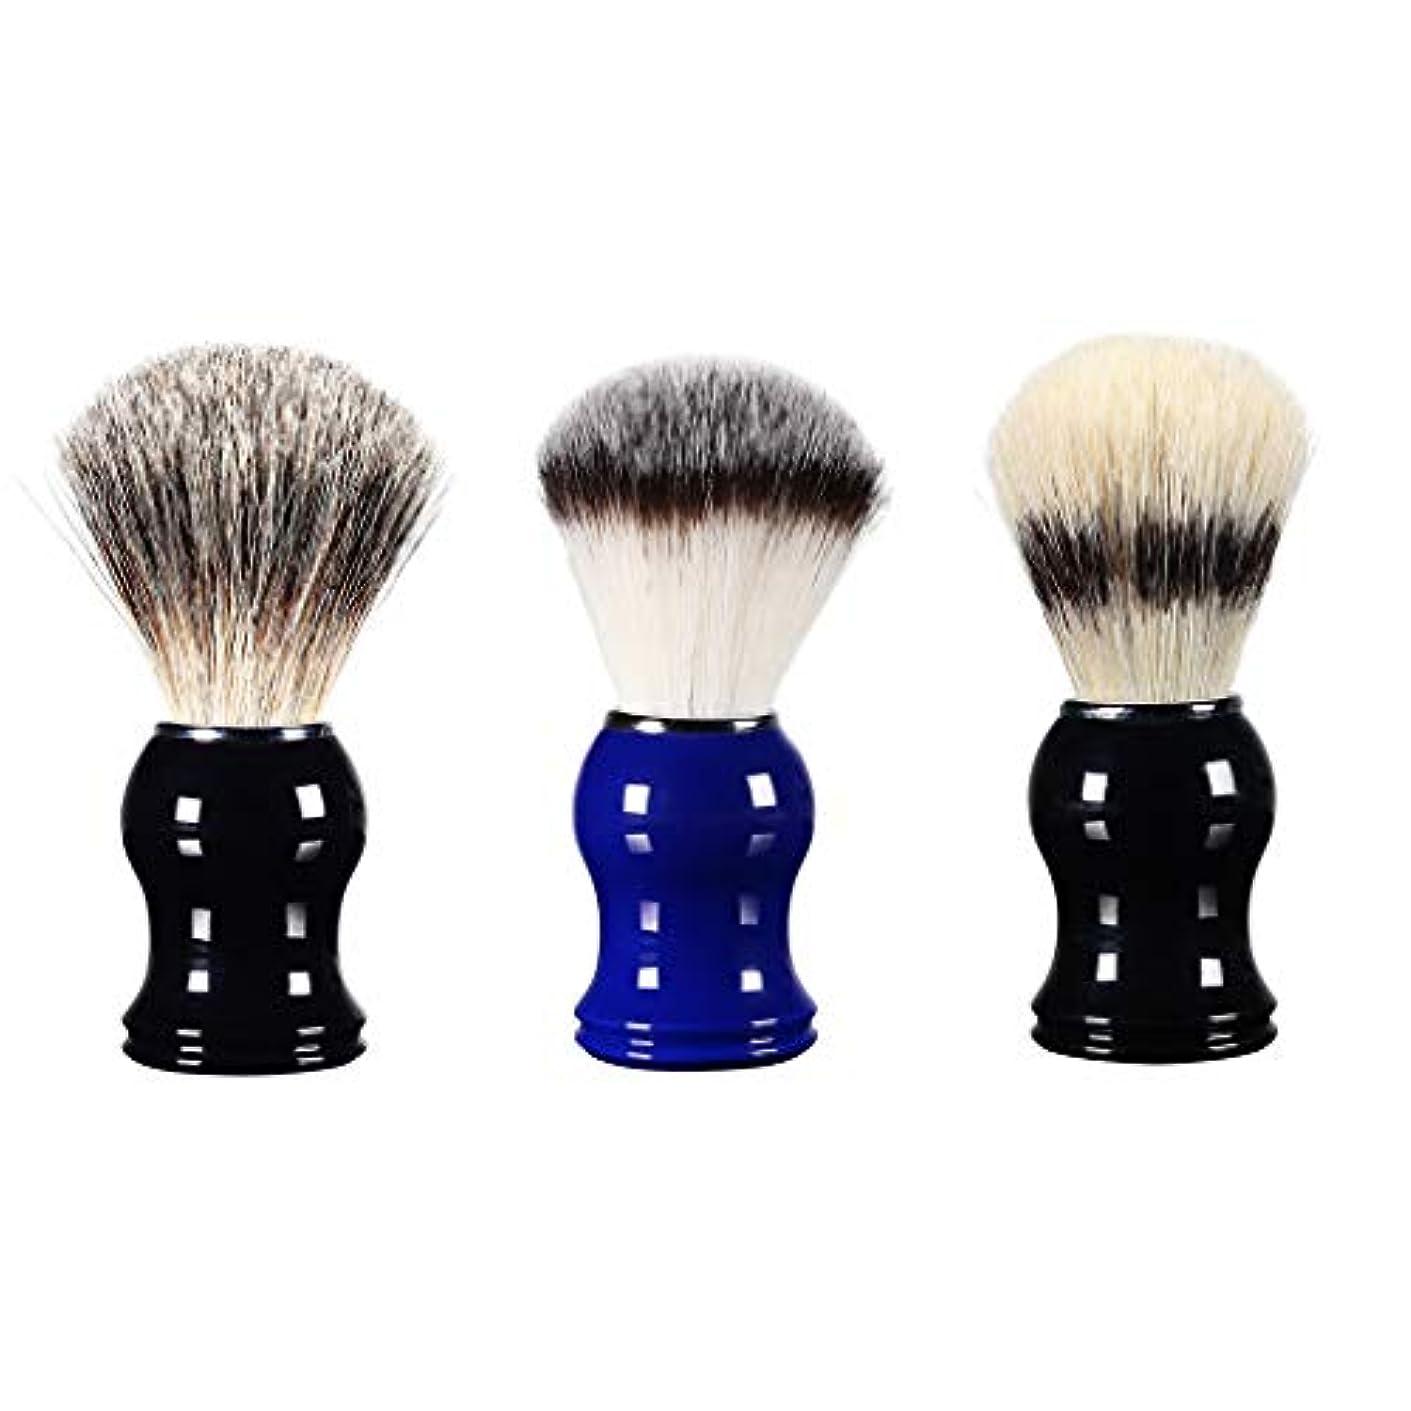 成長今晩マニュアル3個 男性用 シェービング用ブラシ 理容 洗顔 髭剃り 泡立ち アクセサリー